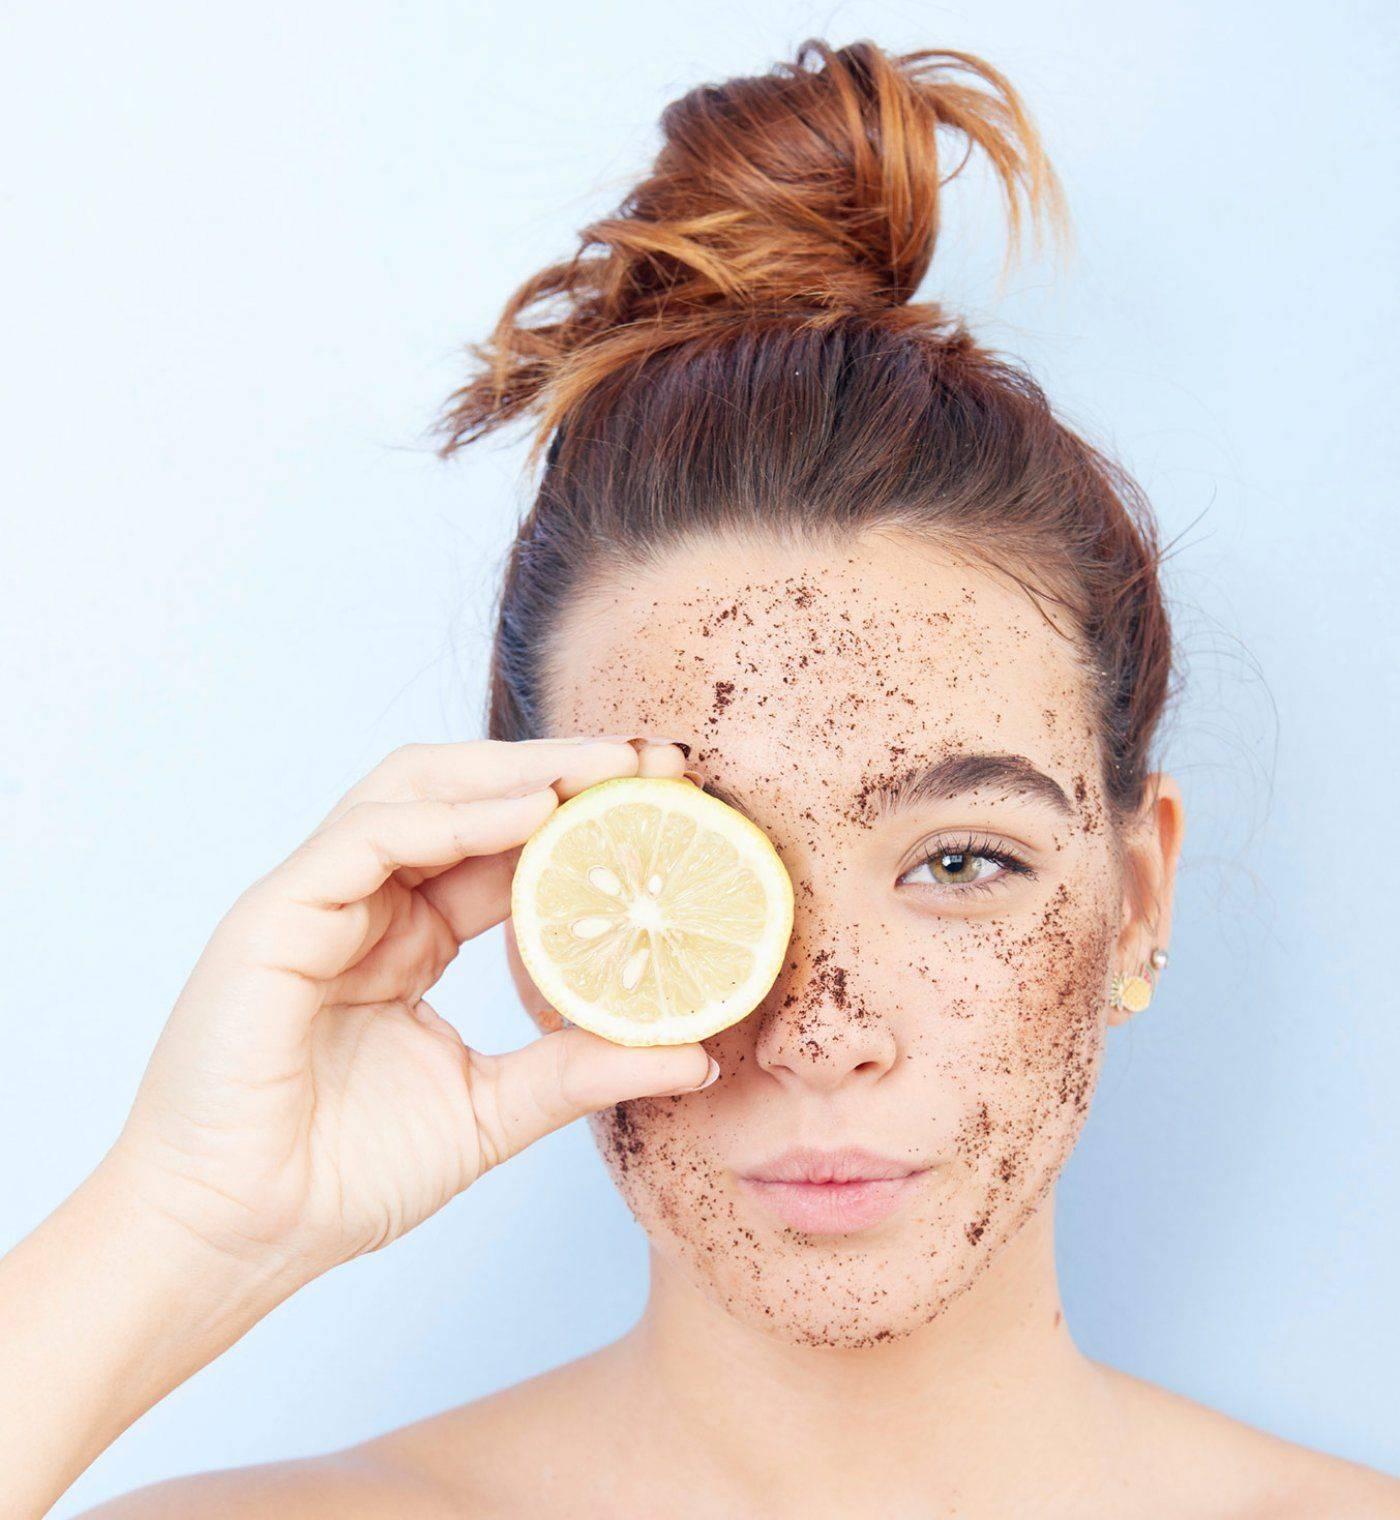 Очищающая маска для лица: домашнего приготовления или готовые средства